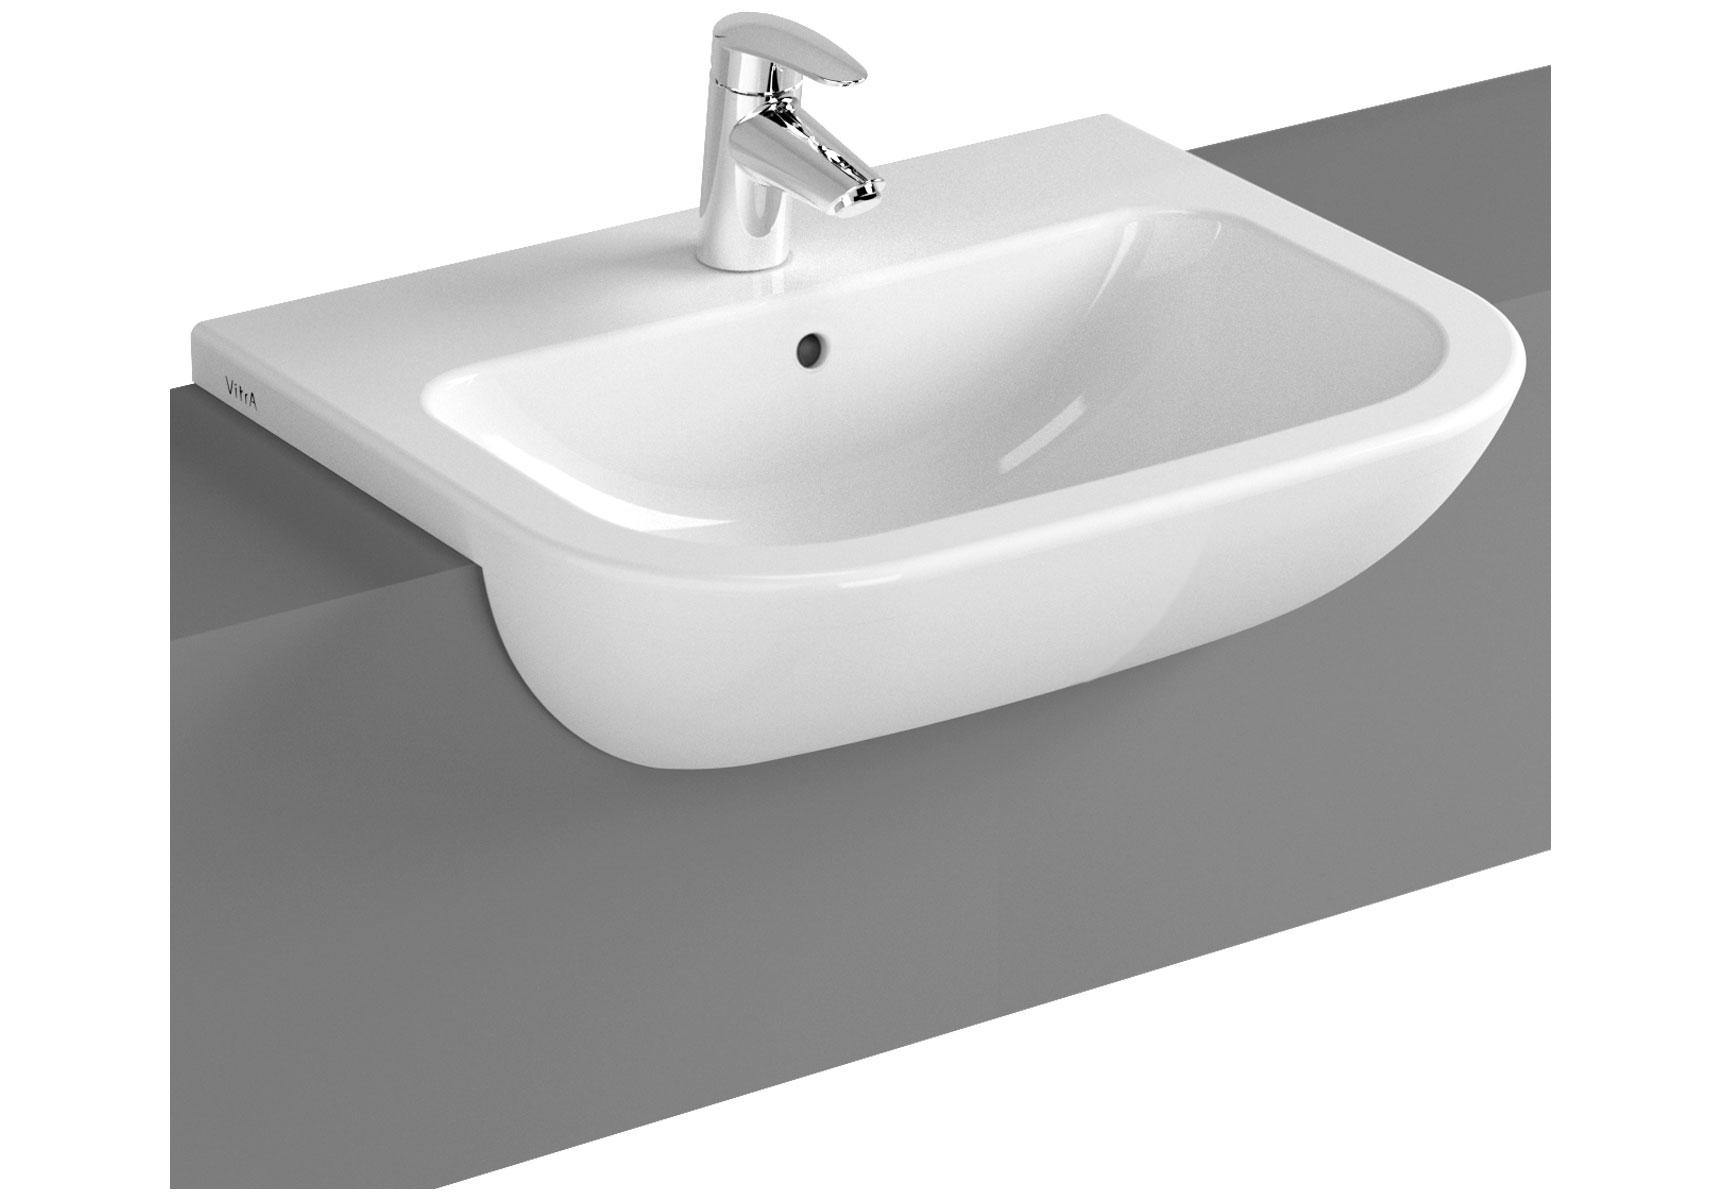 S20 vasque semi-encastré, 55 cm, 1 trou central pour robinet, blanc